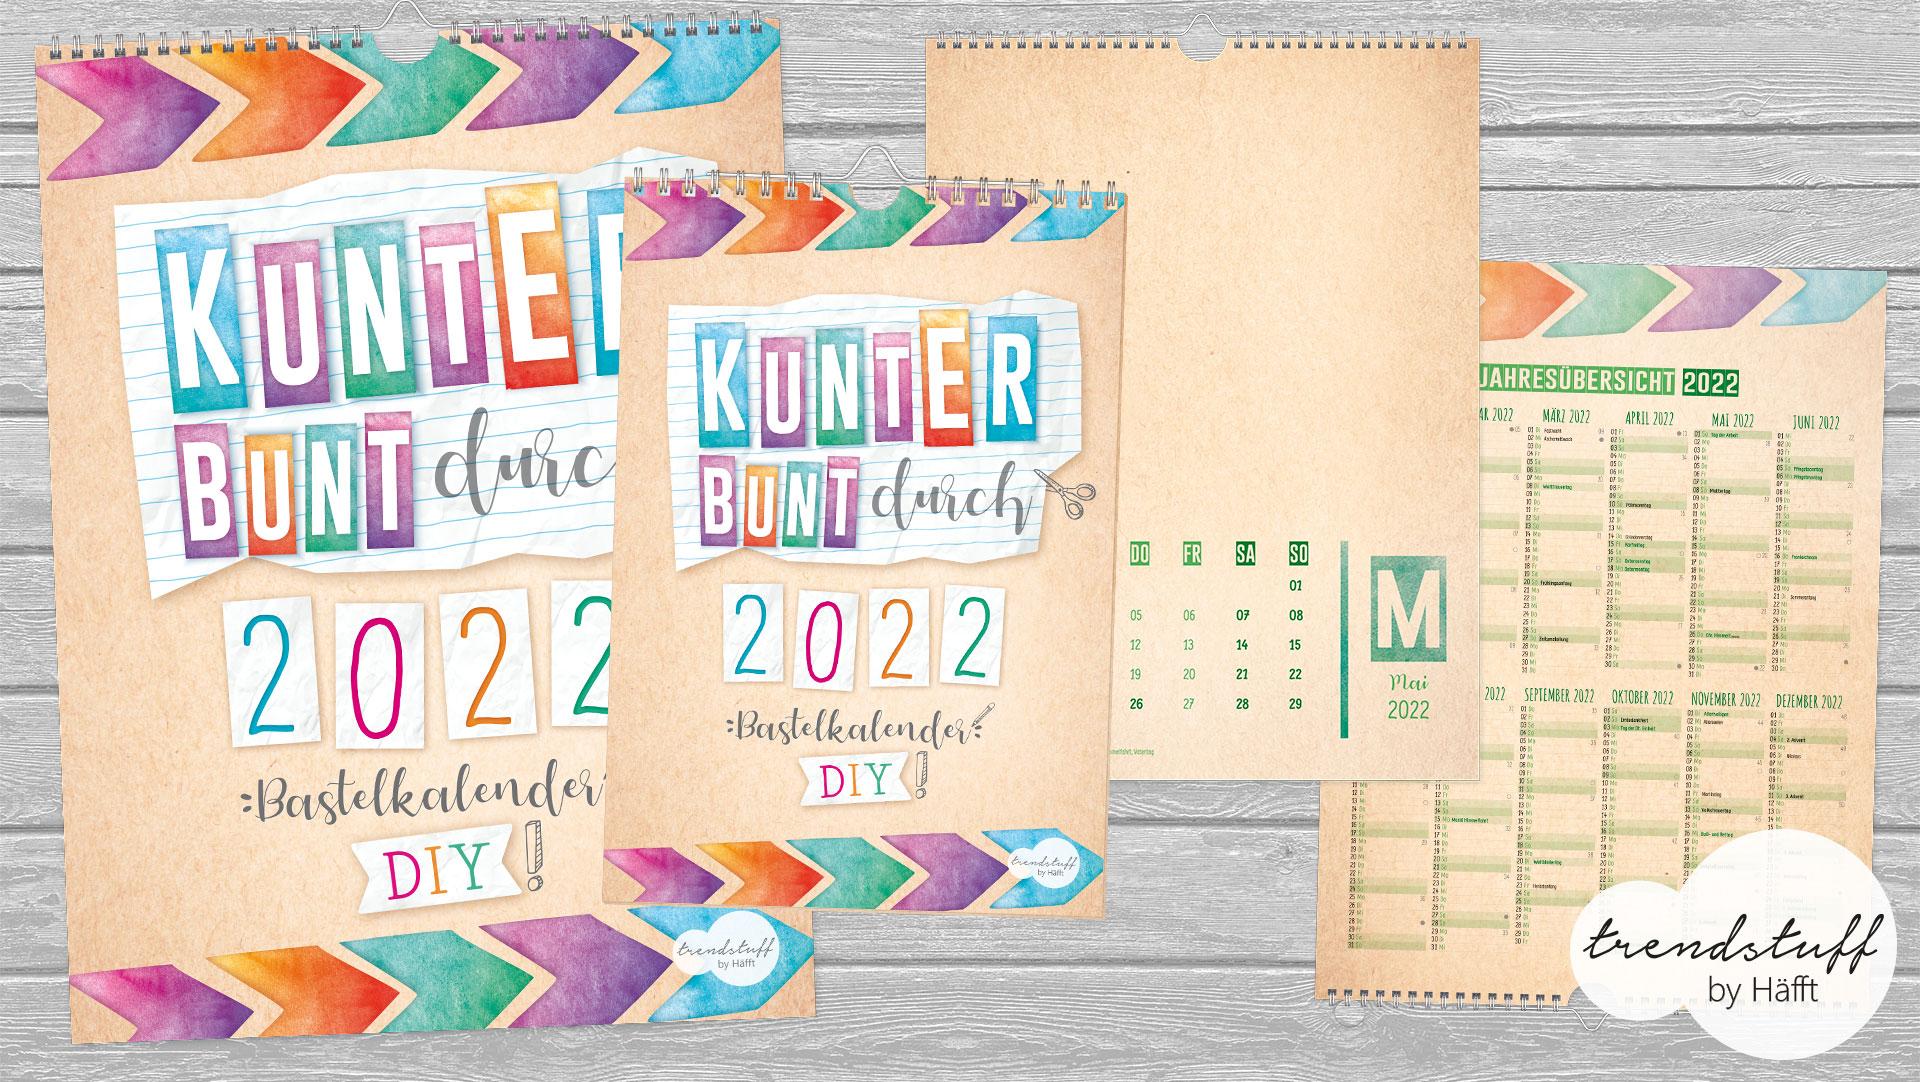 Bastelkalender vom Häfft Verlag in A5